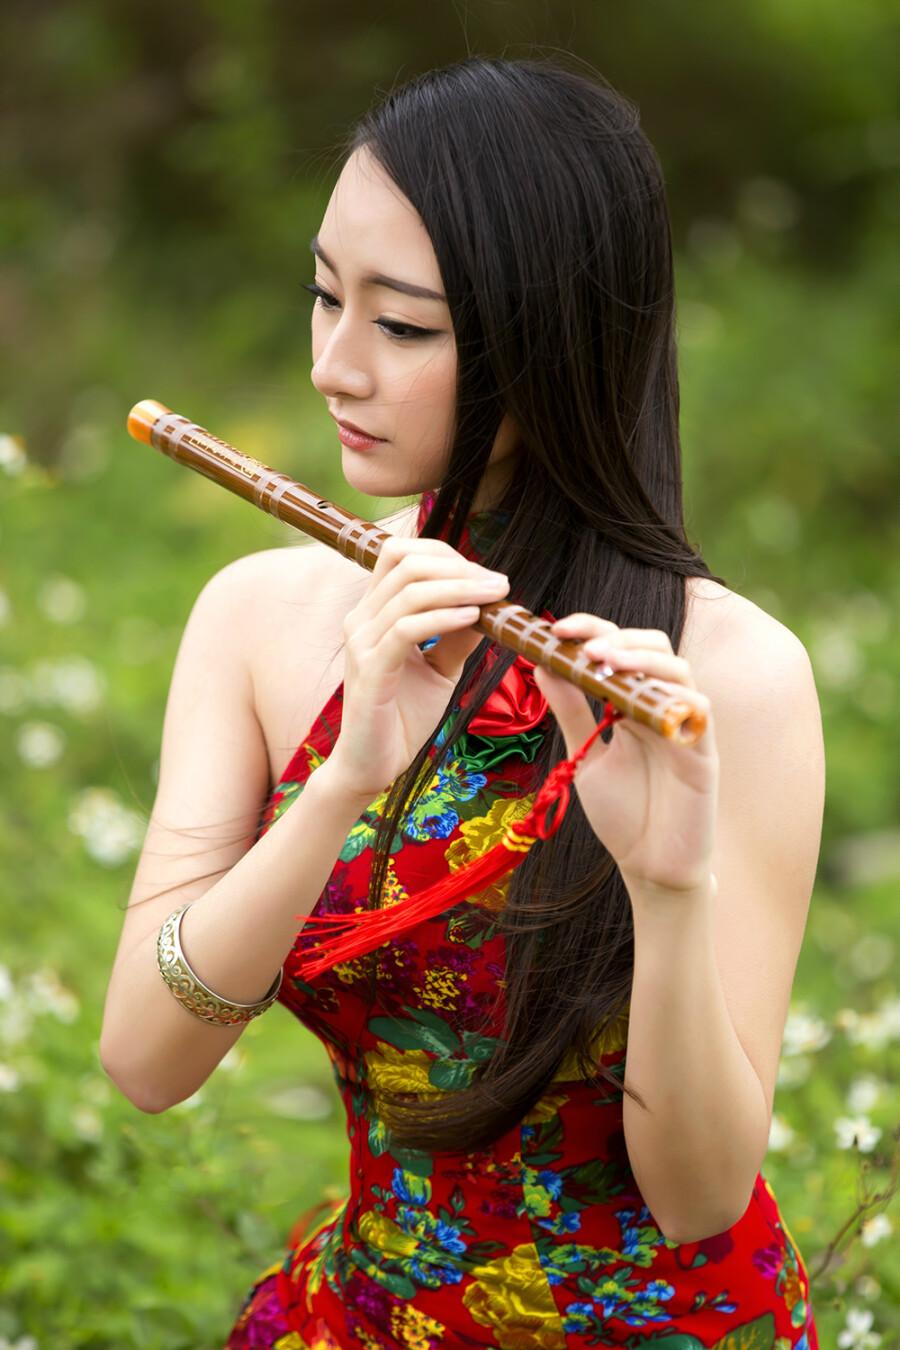 【古装及旗袍素材篇】岁月静好 - 浪漫人生 - .